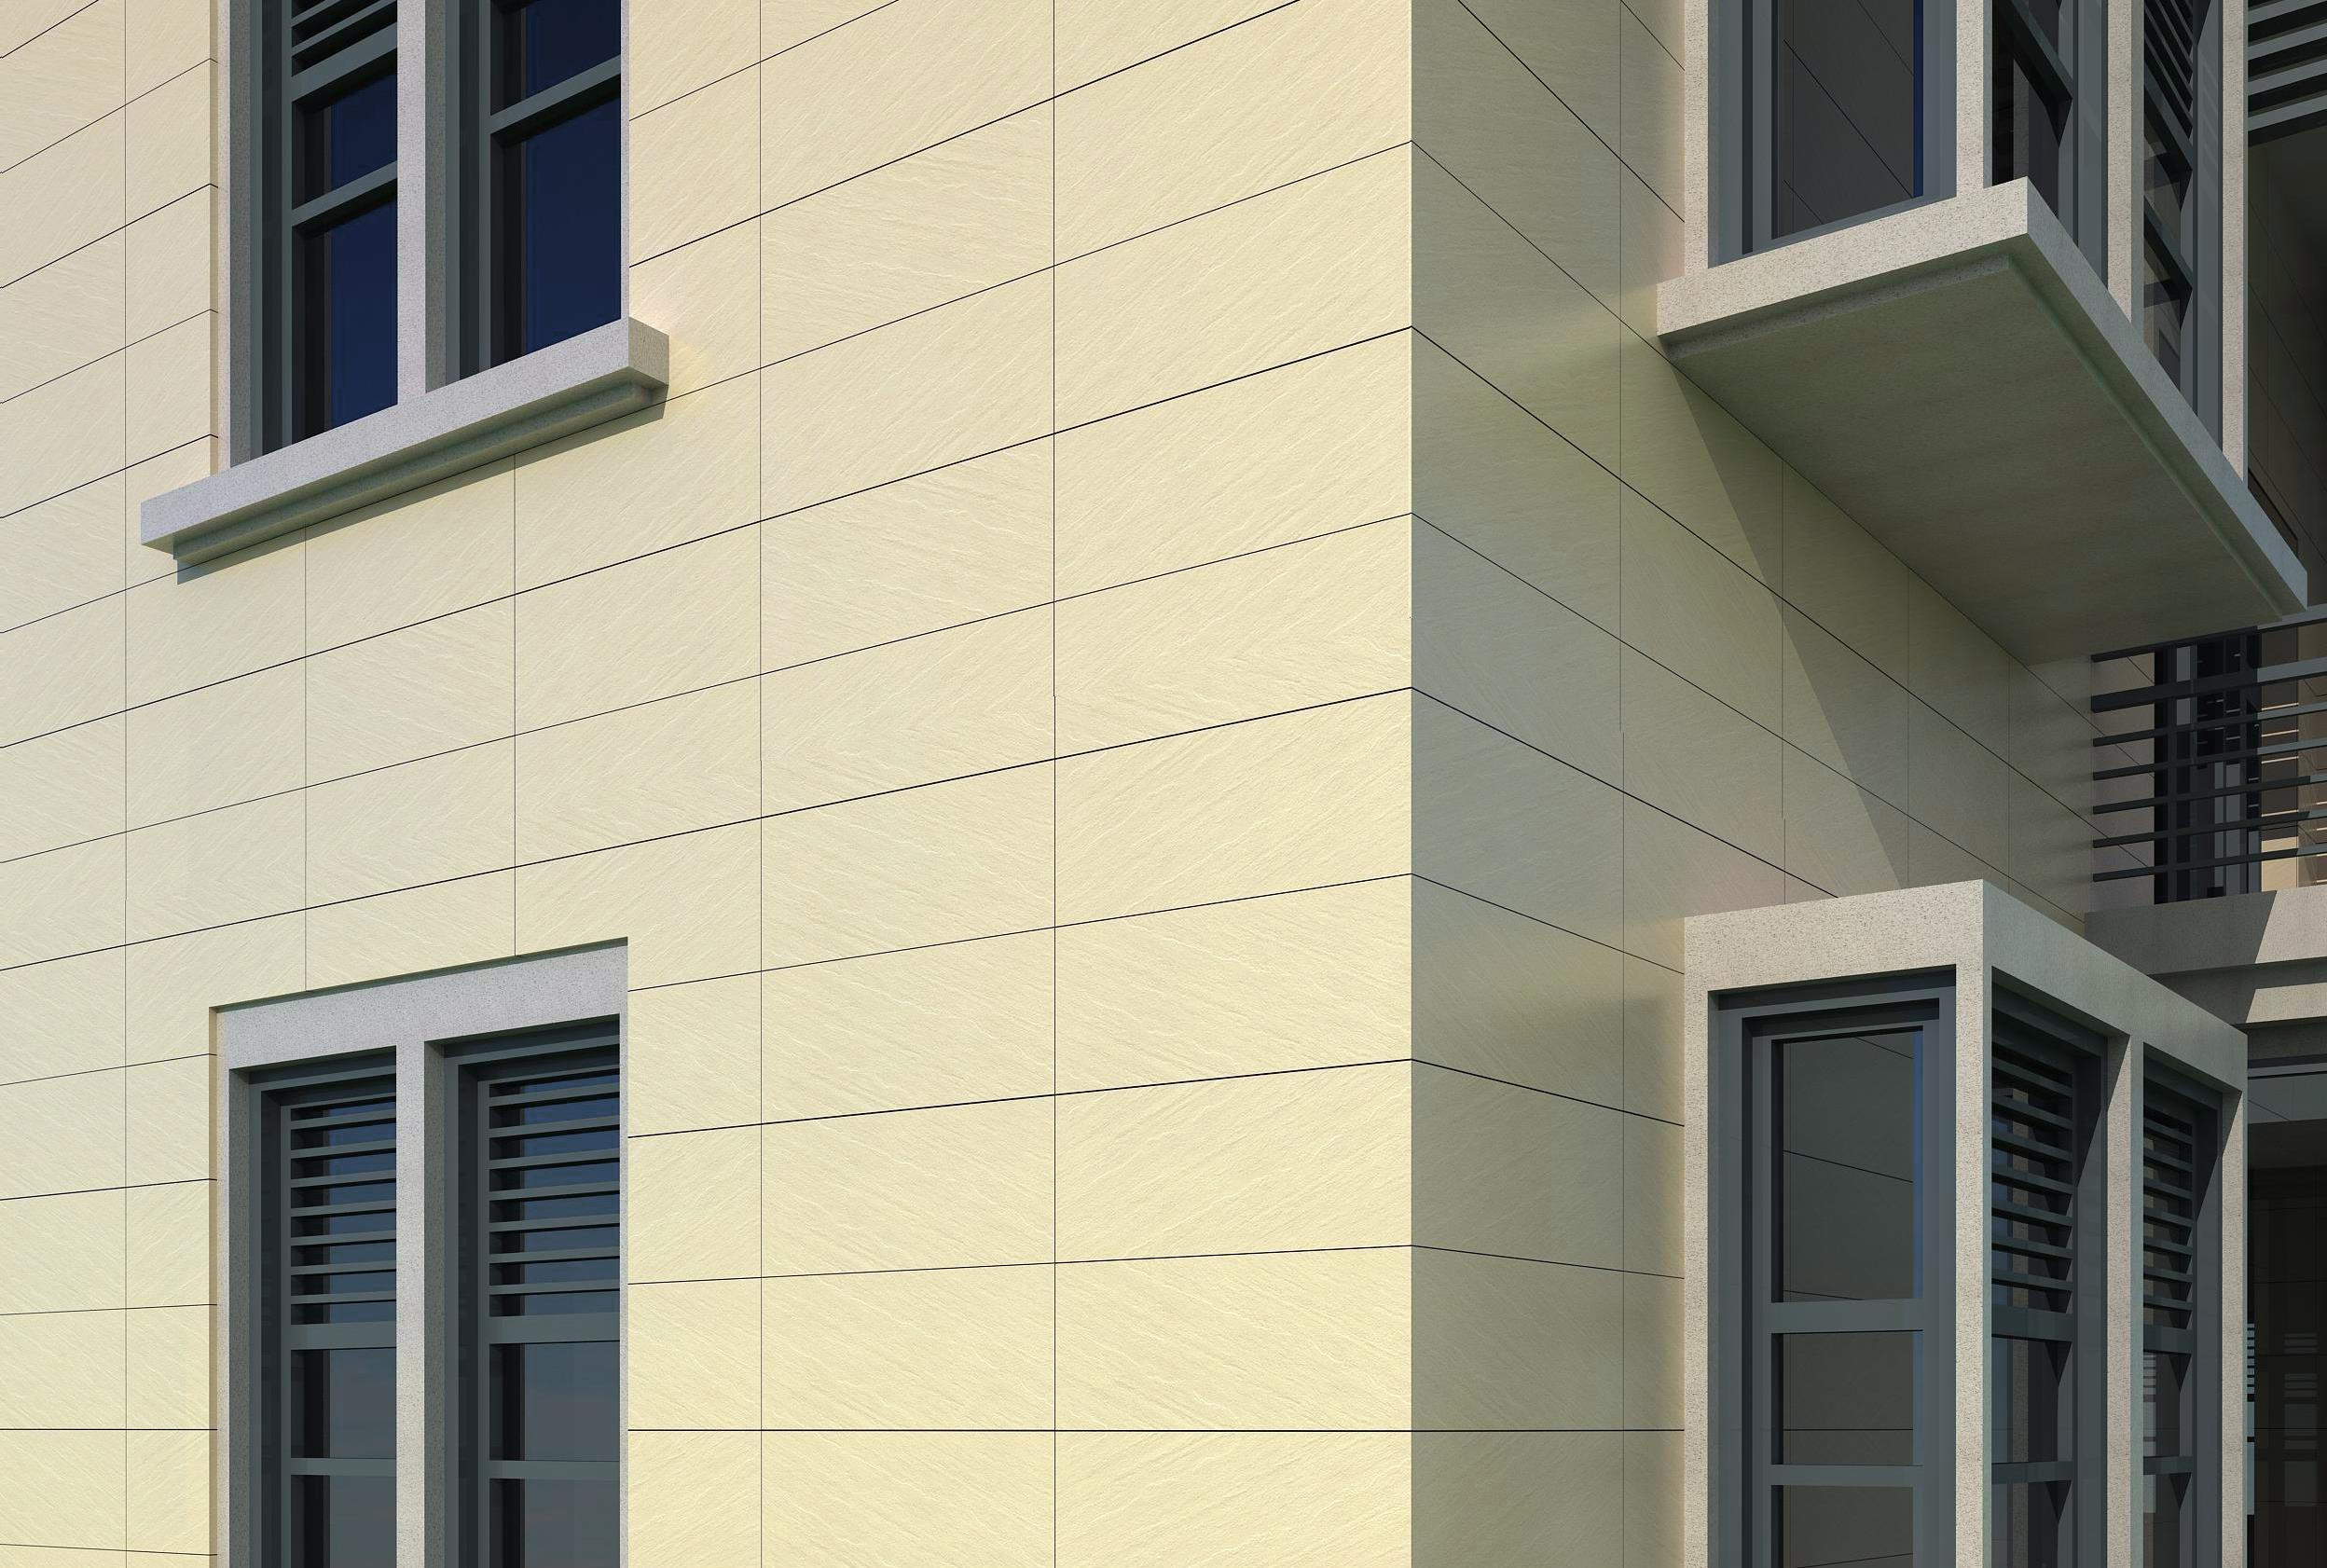 外墻瓷磚有哪些分類?具體有什么特點?